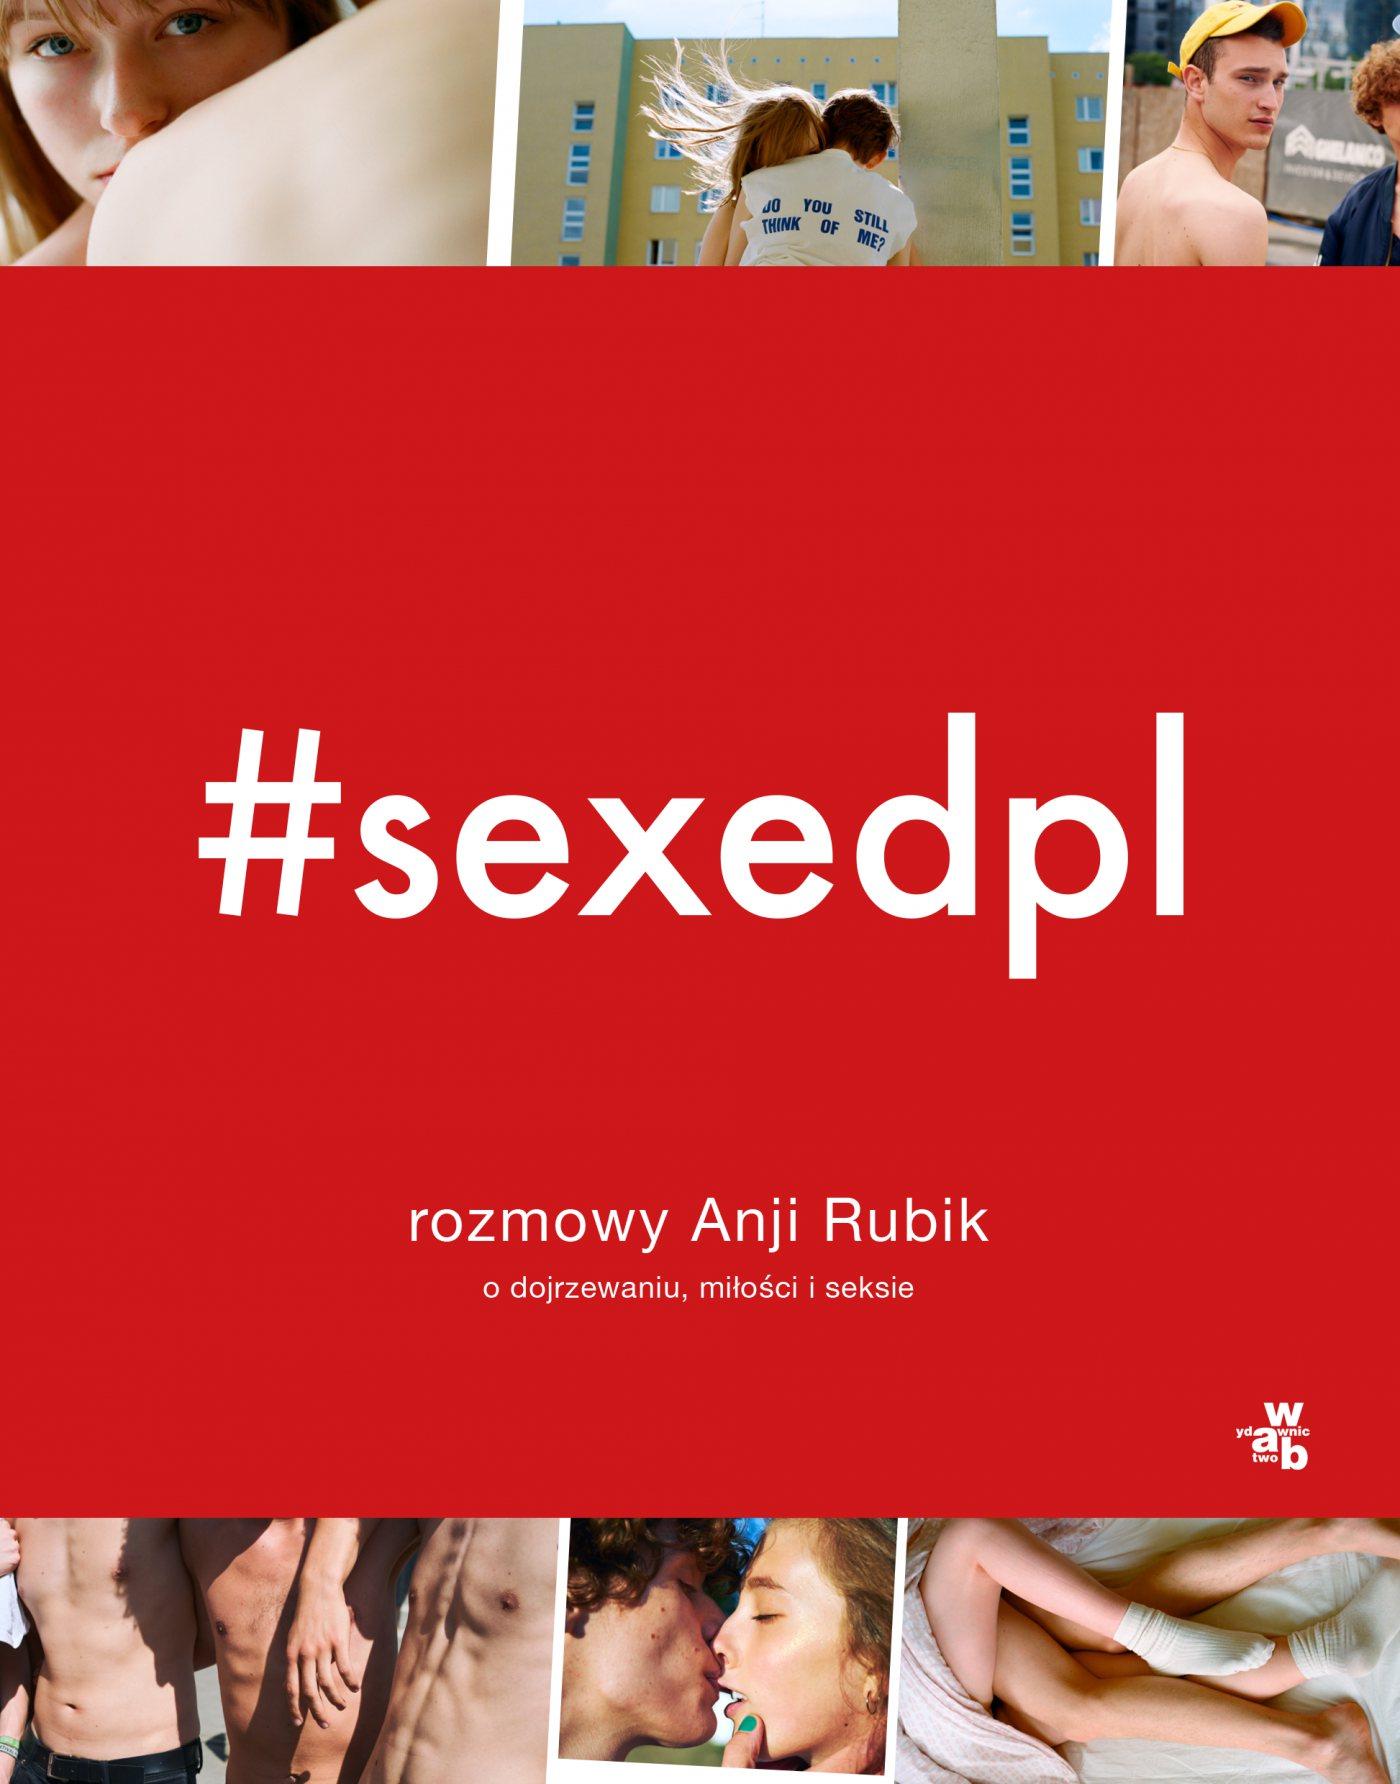 #SEXEDPL. Rozmowy Anji Rubik o dojrzewaniu, miłości i seksie - Ebook (Książka EPUB) do pobrania w formacie EPUB